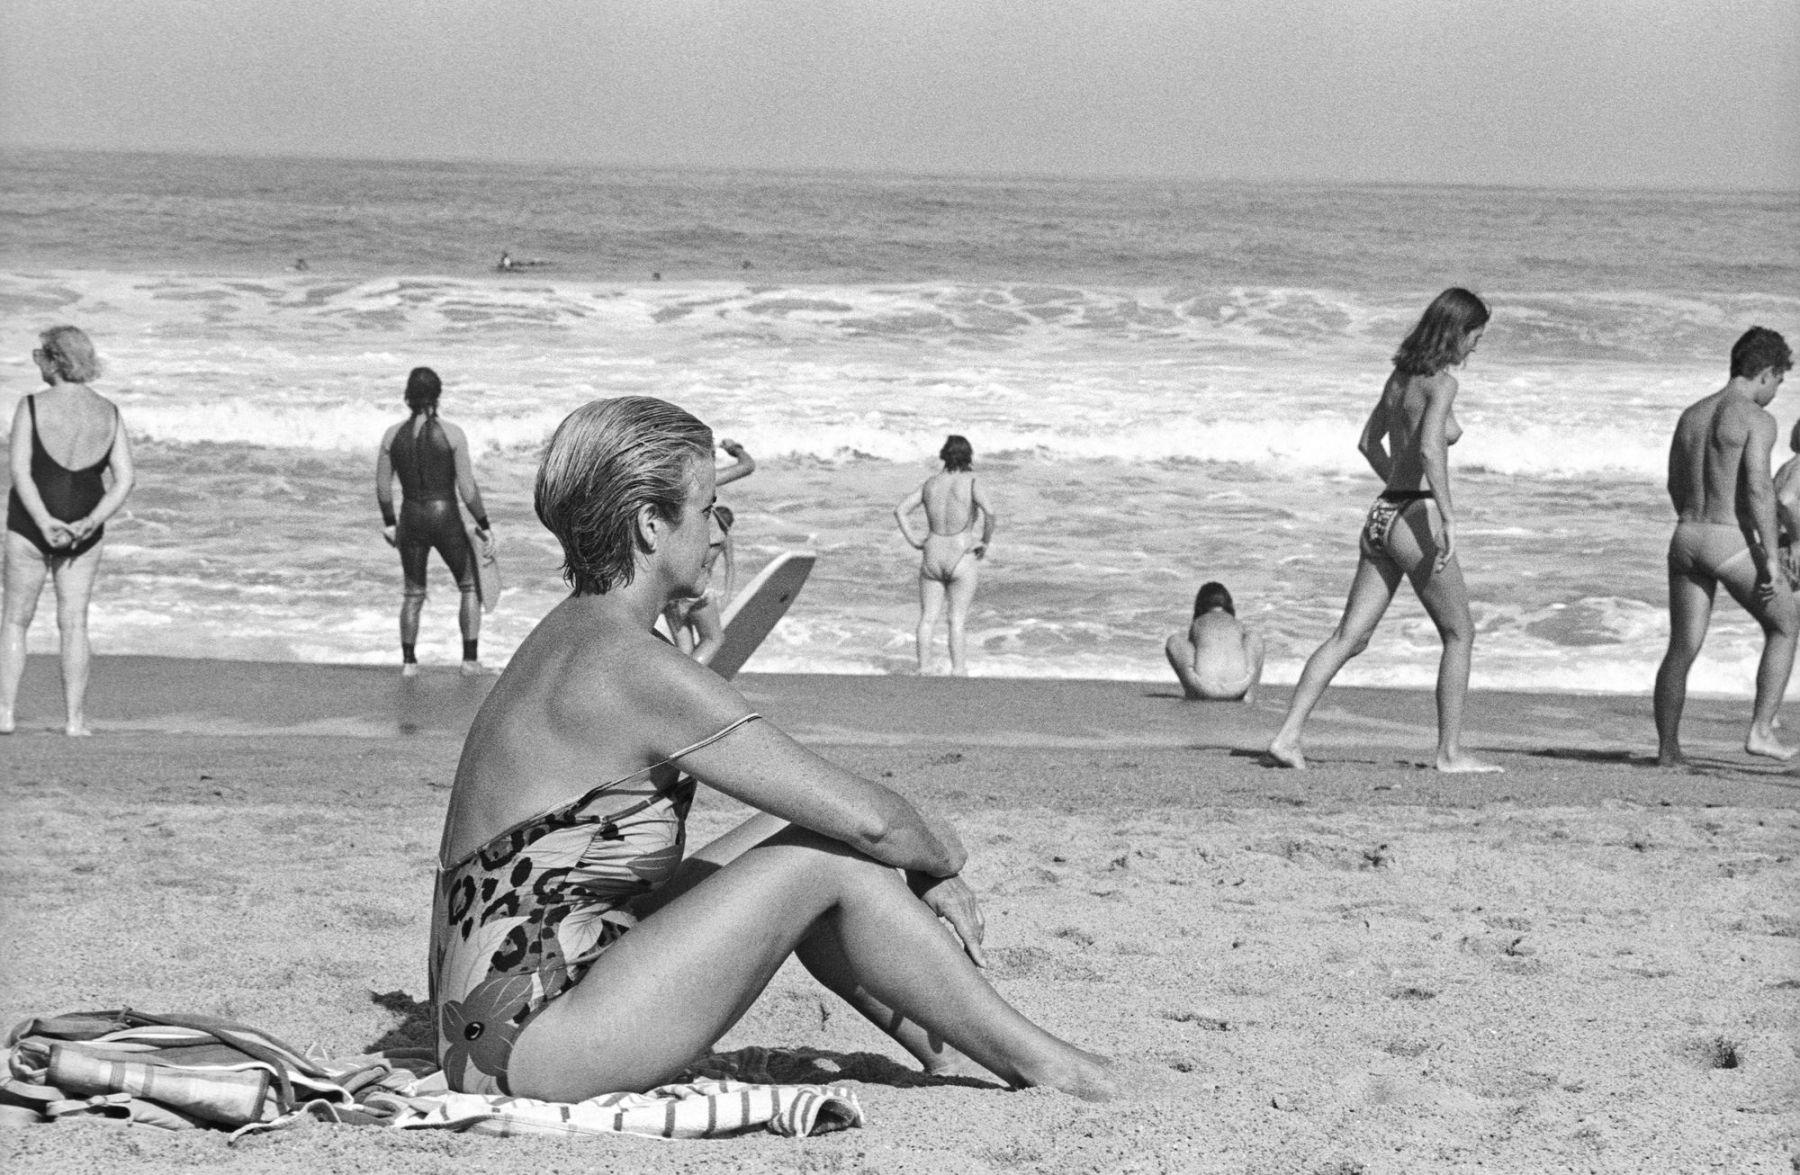 MichelAycaguer-Biarritz-GrandePlage-1988-PointFixe-Leica-1